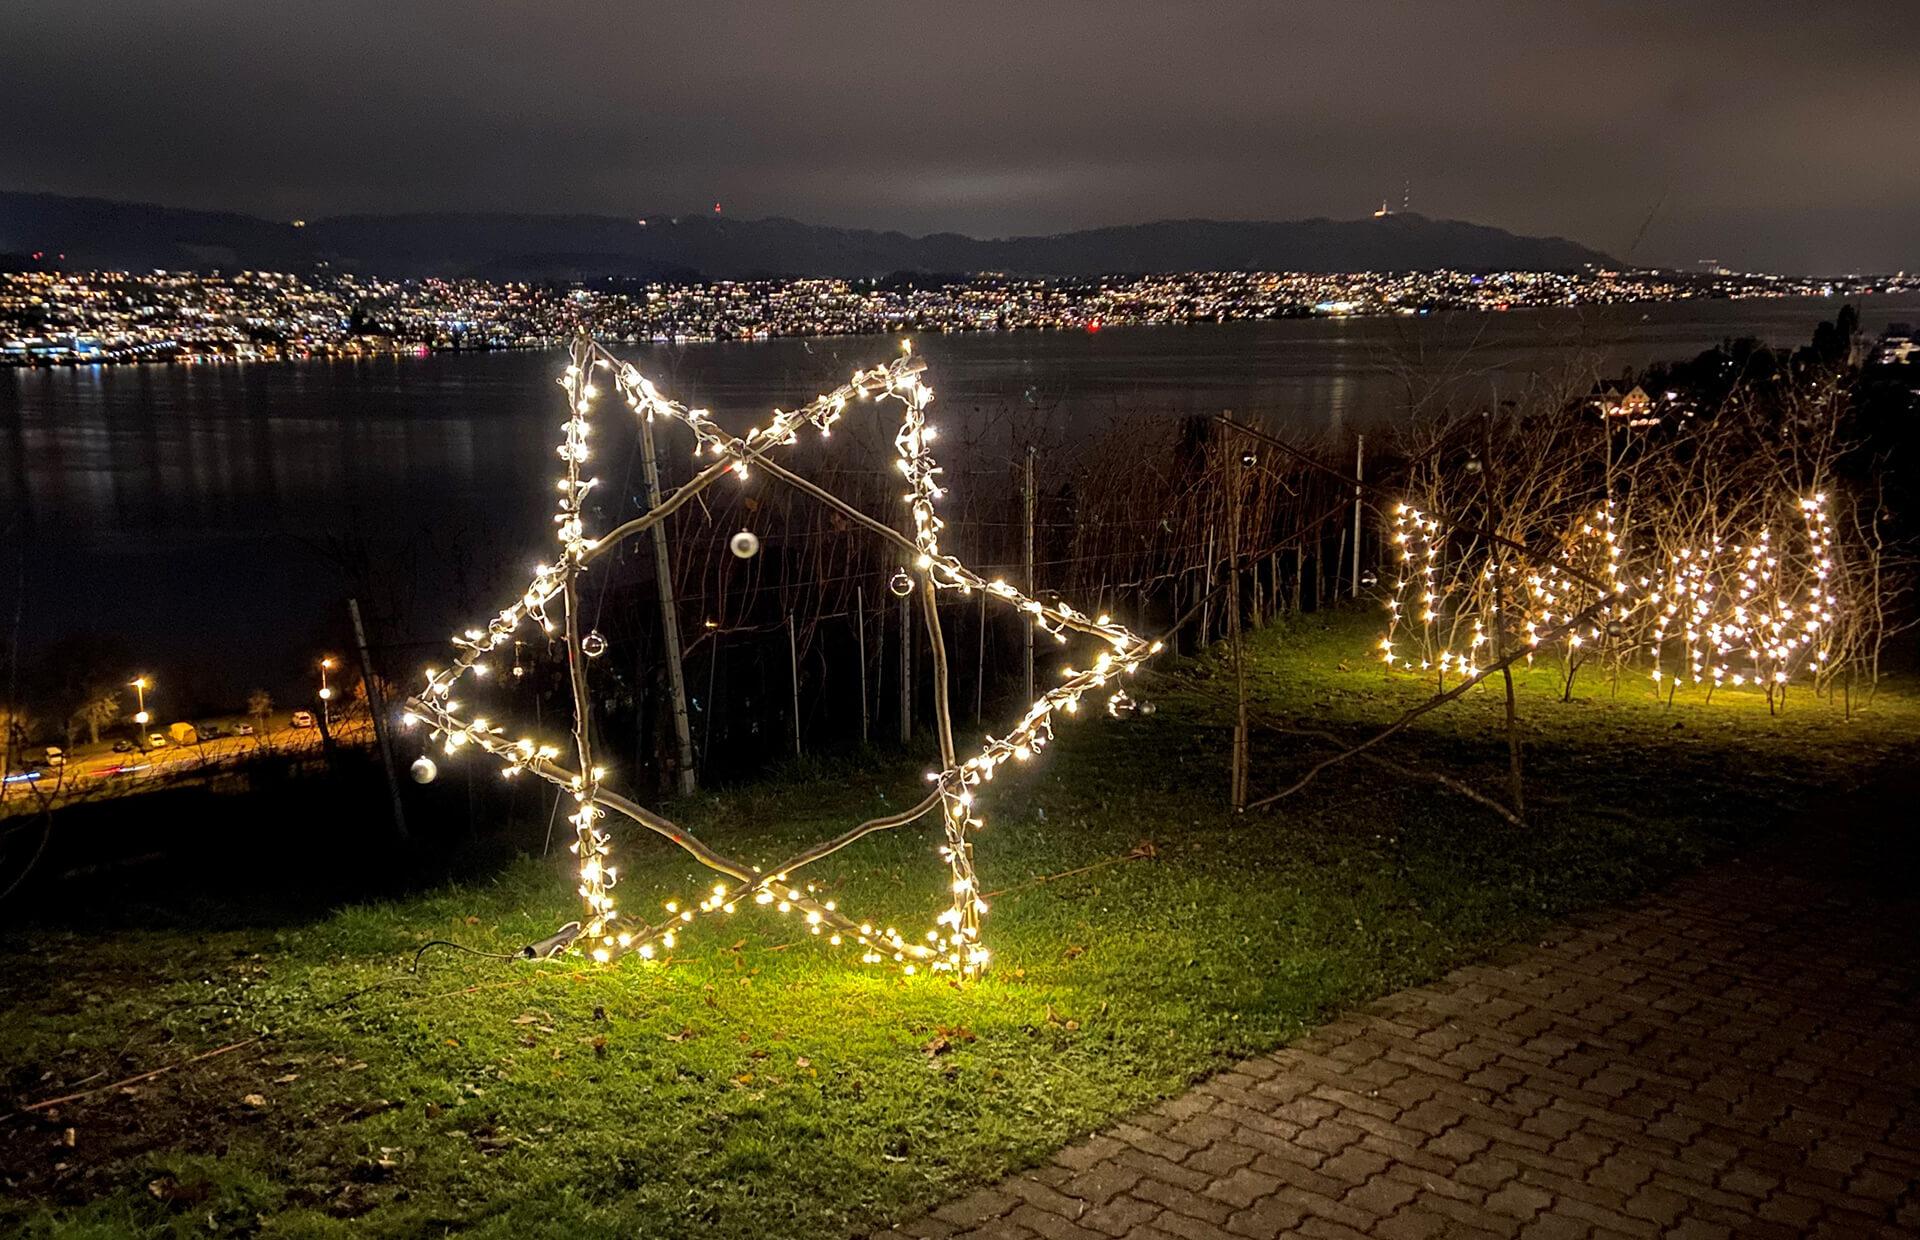 Dieser grosse Stern mit Lichterkette ist Teil der selbst gebauten Weihnachtsbeleuchtung der Martin Stiftung